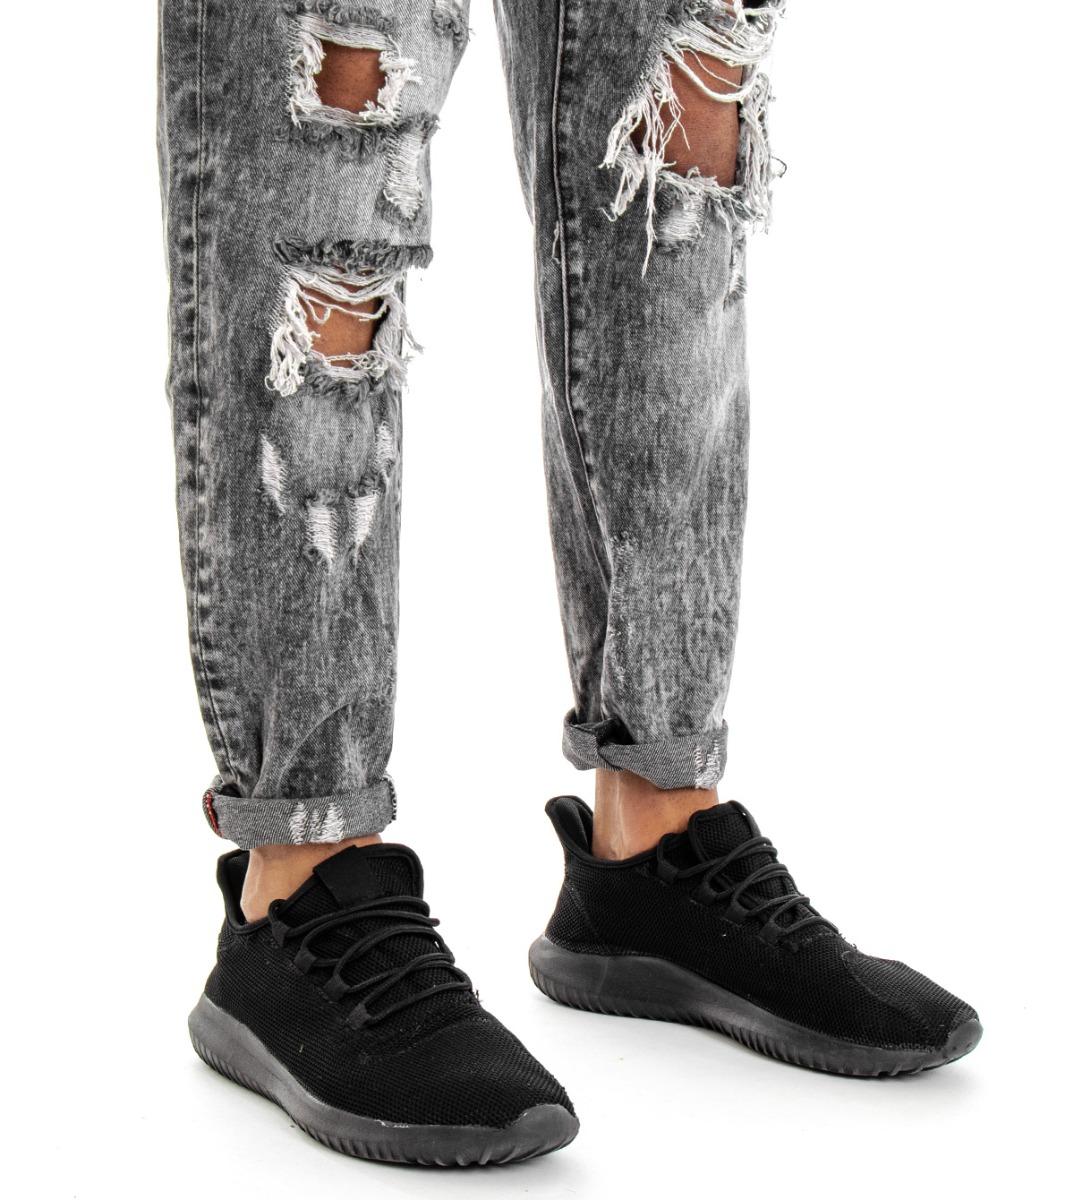 Pantalone-Uomo-Jeans-Grigio-Cinque-Tasche-Rotture-Cavallo-Basso-Strappato-Reg miniatura 10